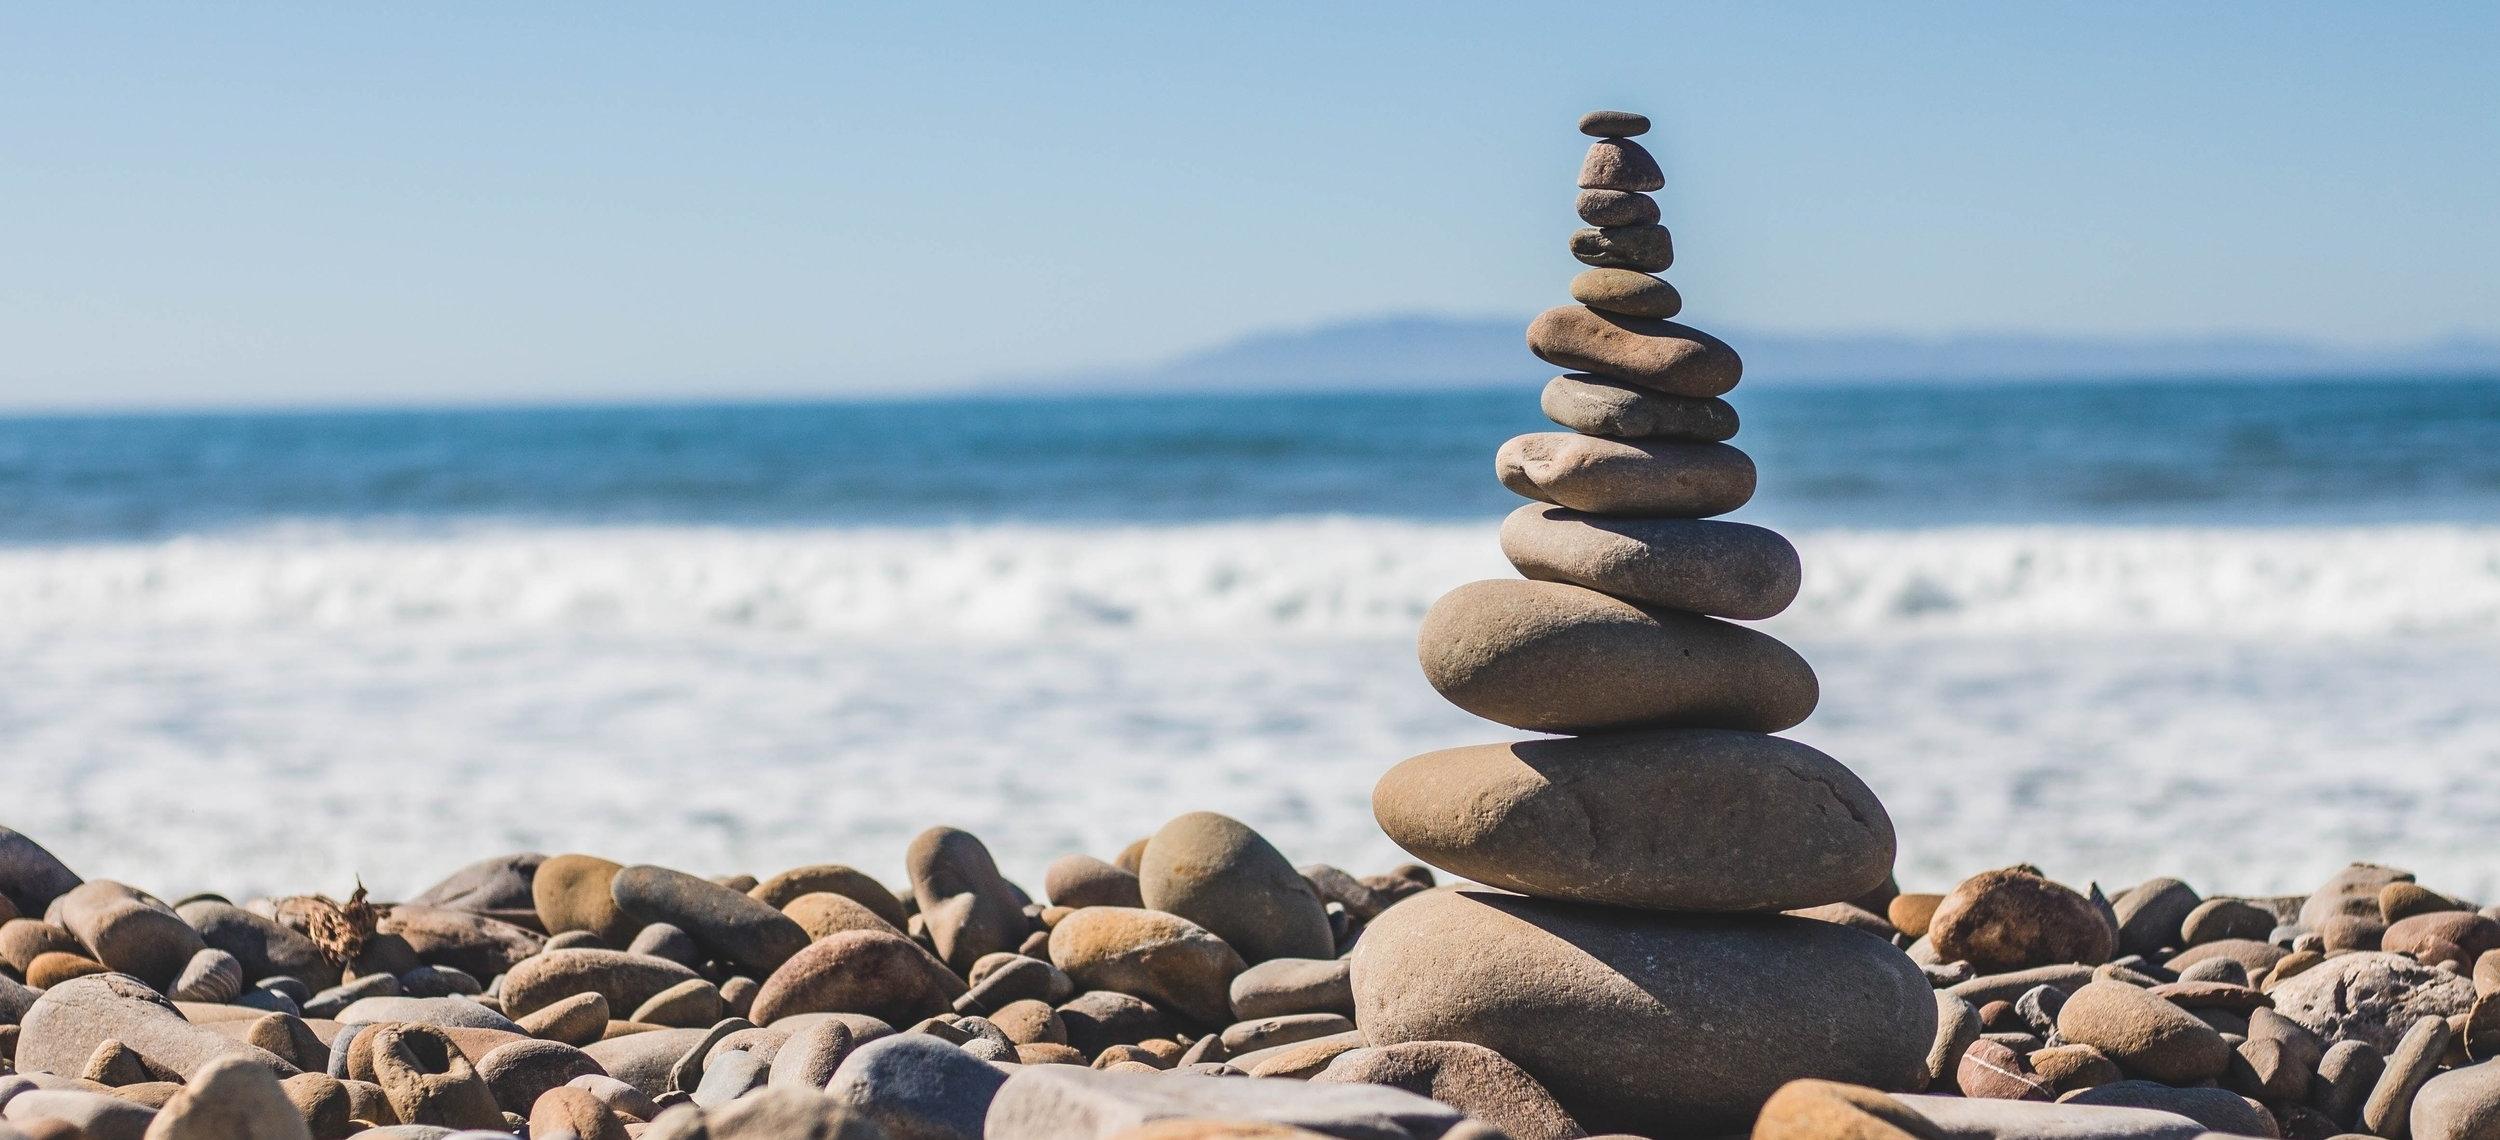 CRM stones on the beach